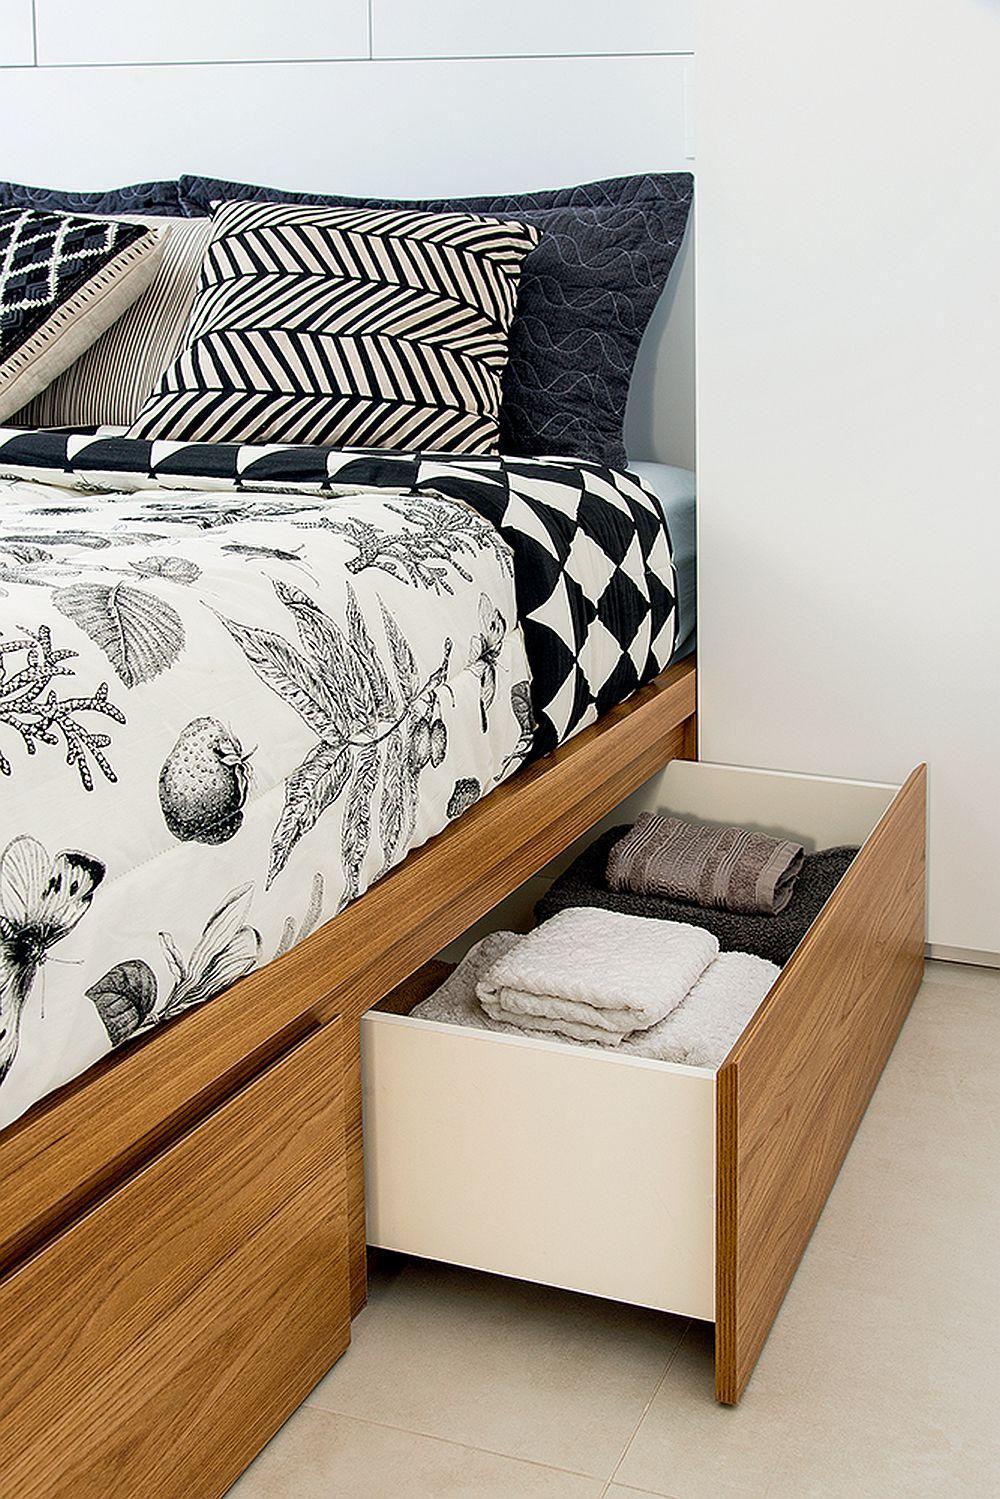 Spații suplimentare de depozitare sunt și la nivelul bazei patului. Sertarele mai mici și mai multe prind bine oricând într-un spațiu mic fiind mai accesibile decât un singur sertar mai mare.